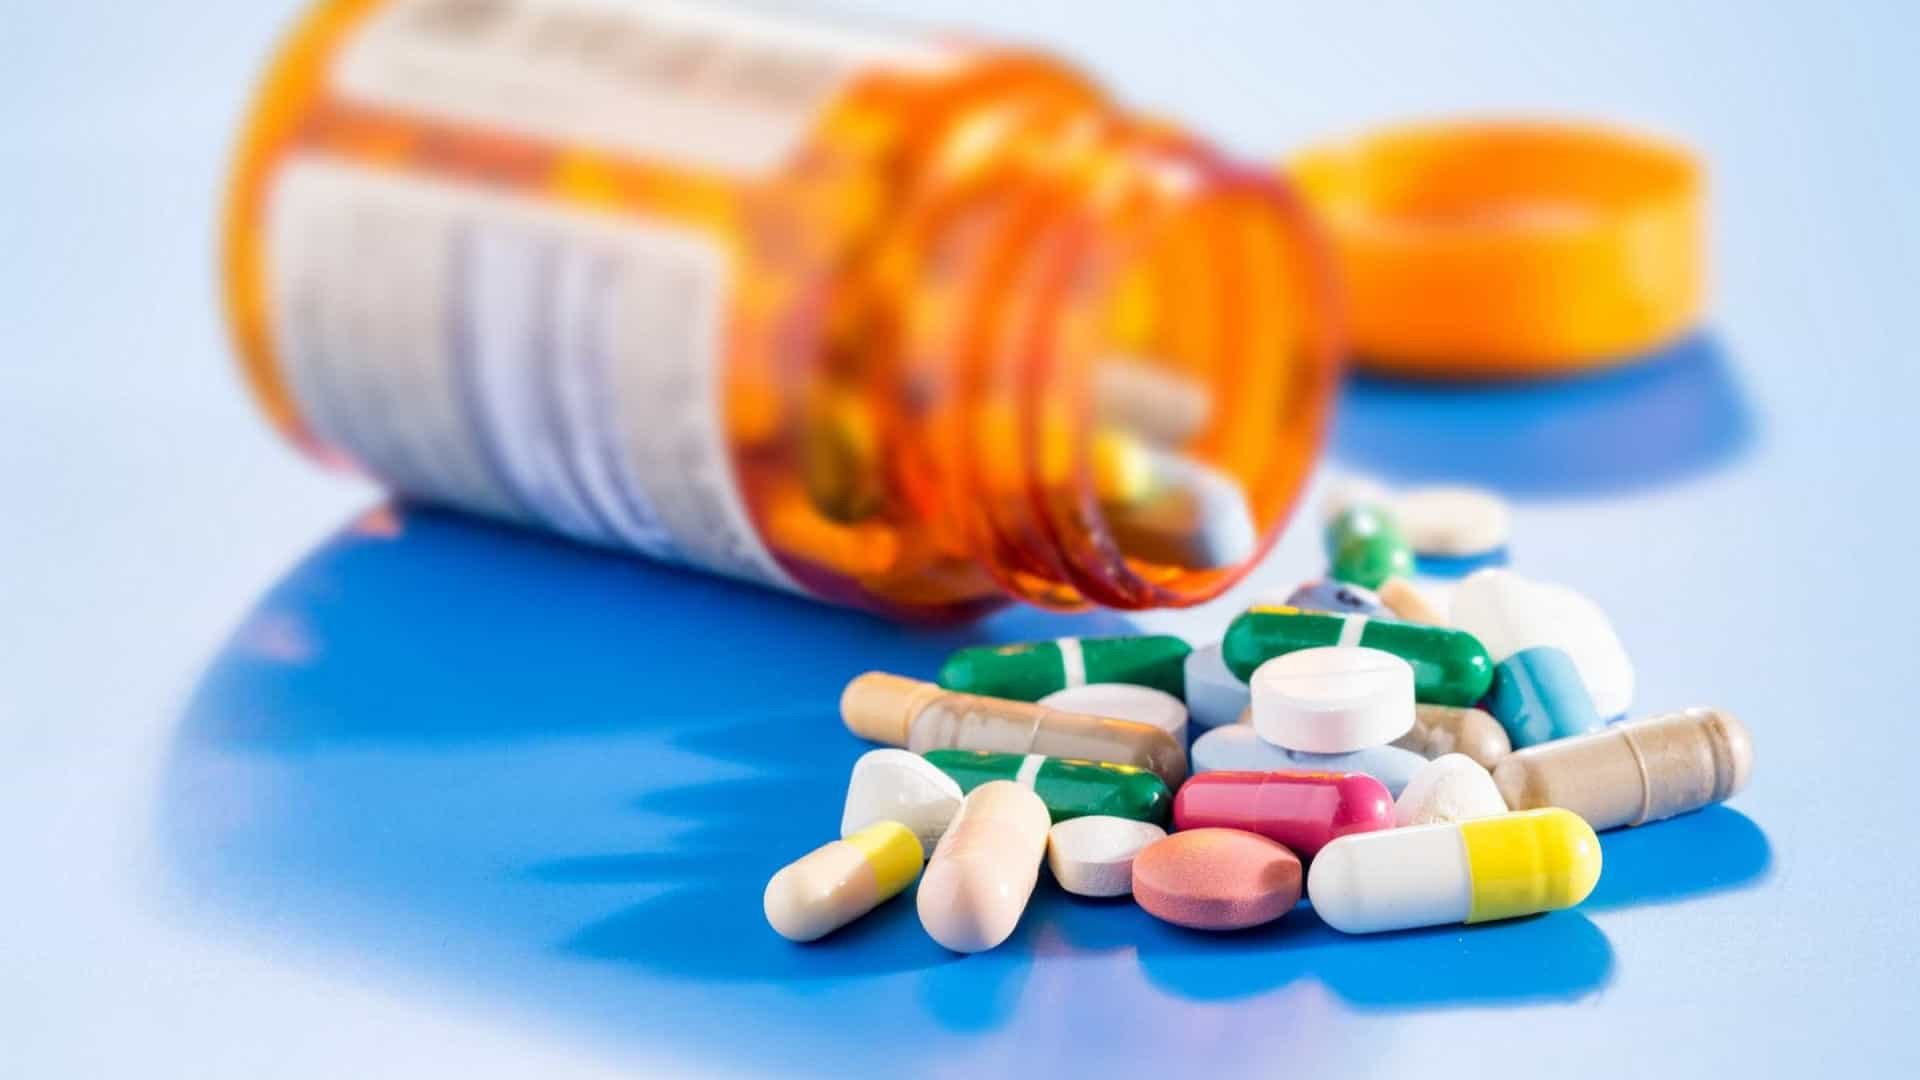 Coquetel contra covid reduziu 81% de casos sintomáticos em contactantes